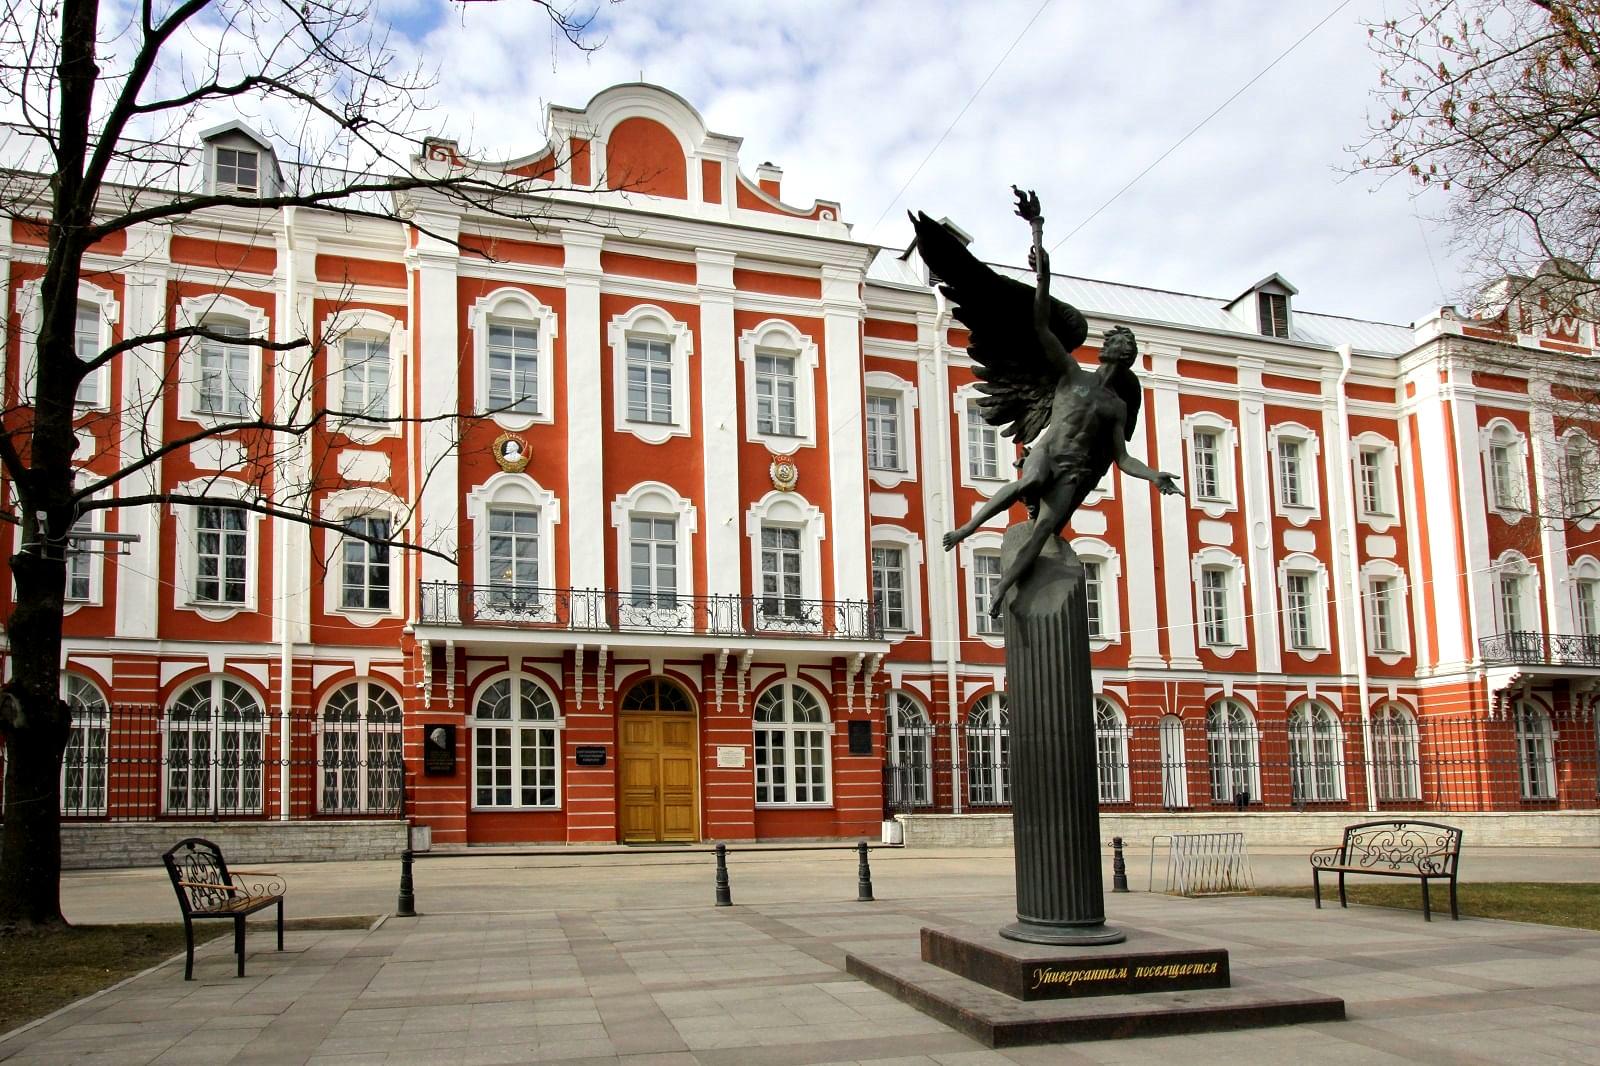 圣彼得堡国立大学本科专业《戏剧电影艺术》详细介绍!插图1-小狮座俄罗斯留学